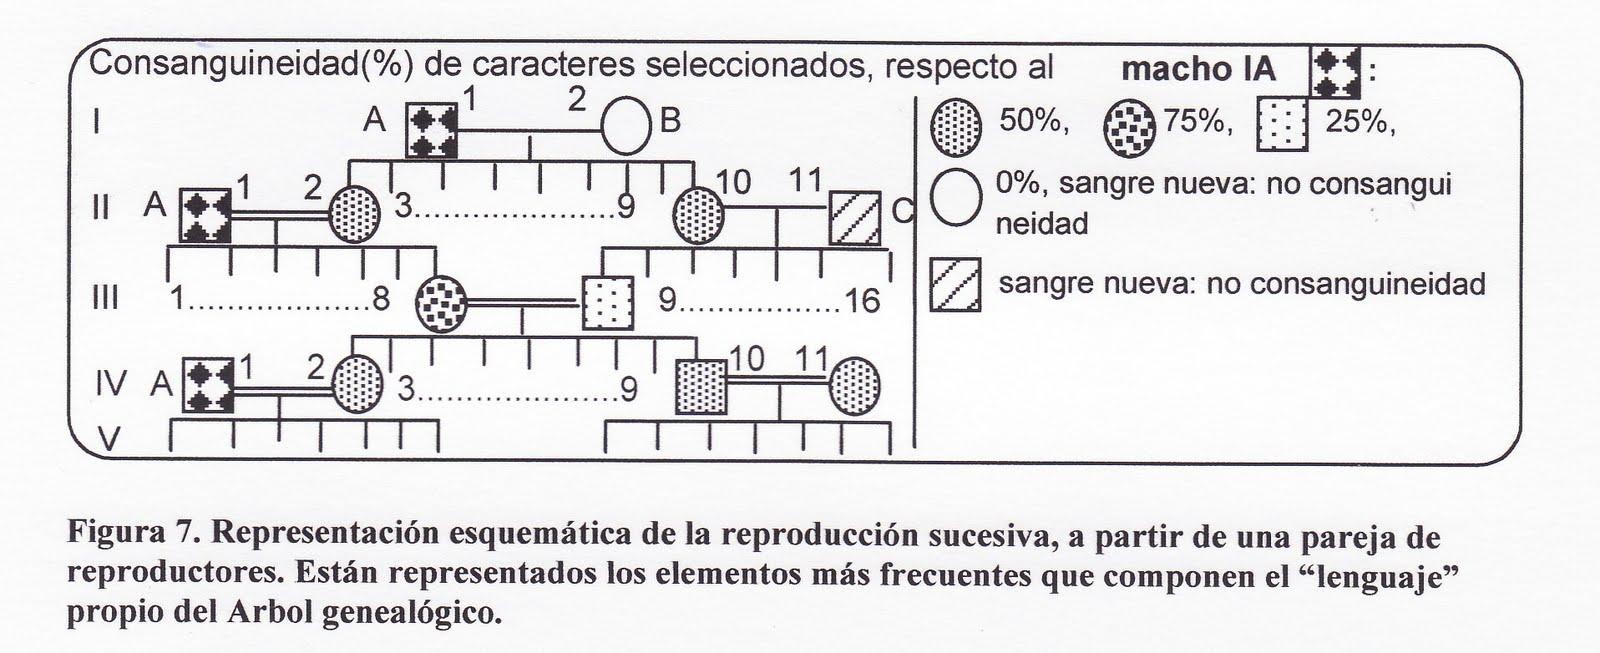 BLOG DE J.M. SANDUA: GENETICA Y HERENCIA EN LA CANARICULTURA DE CANTO